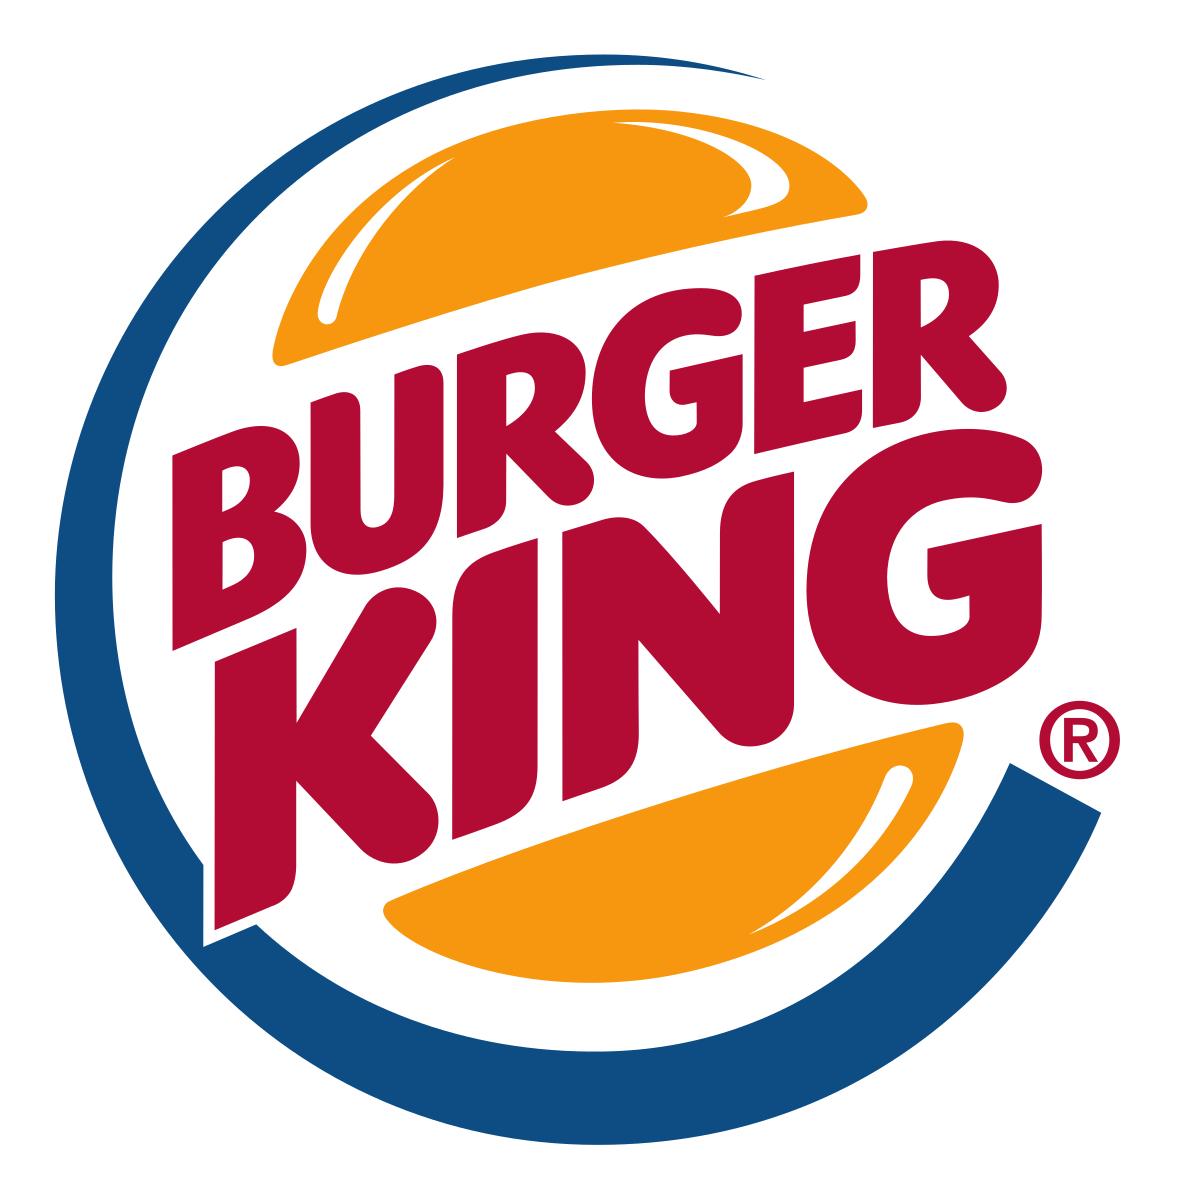 Burger King - 46 Sparscheine gültig bis 01.01.2018